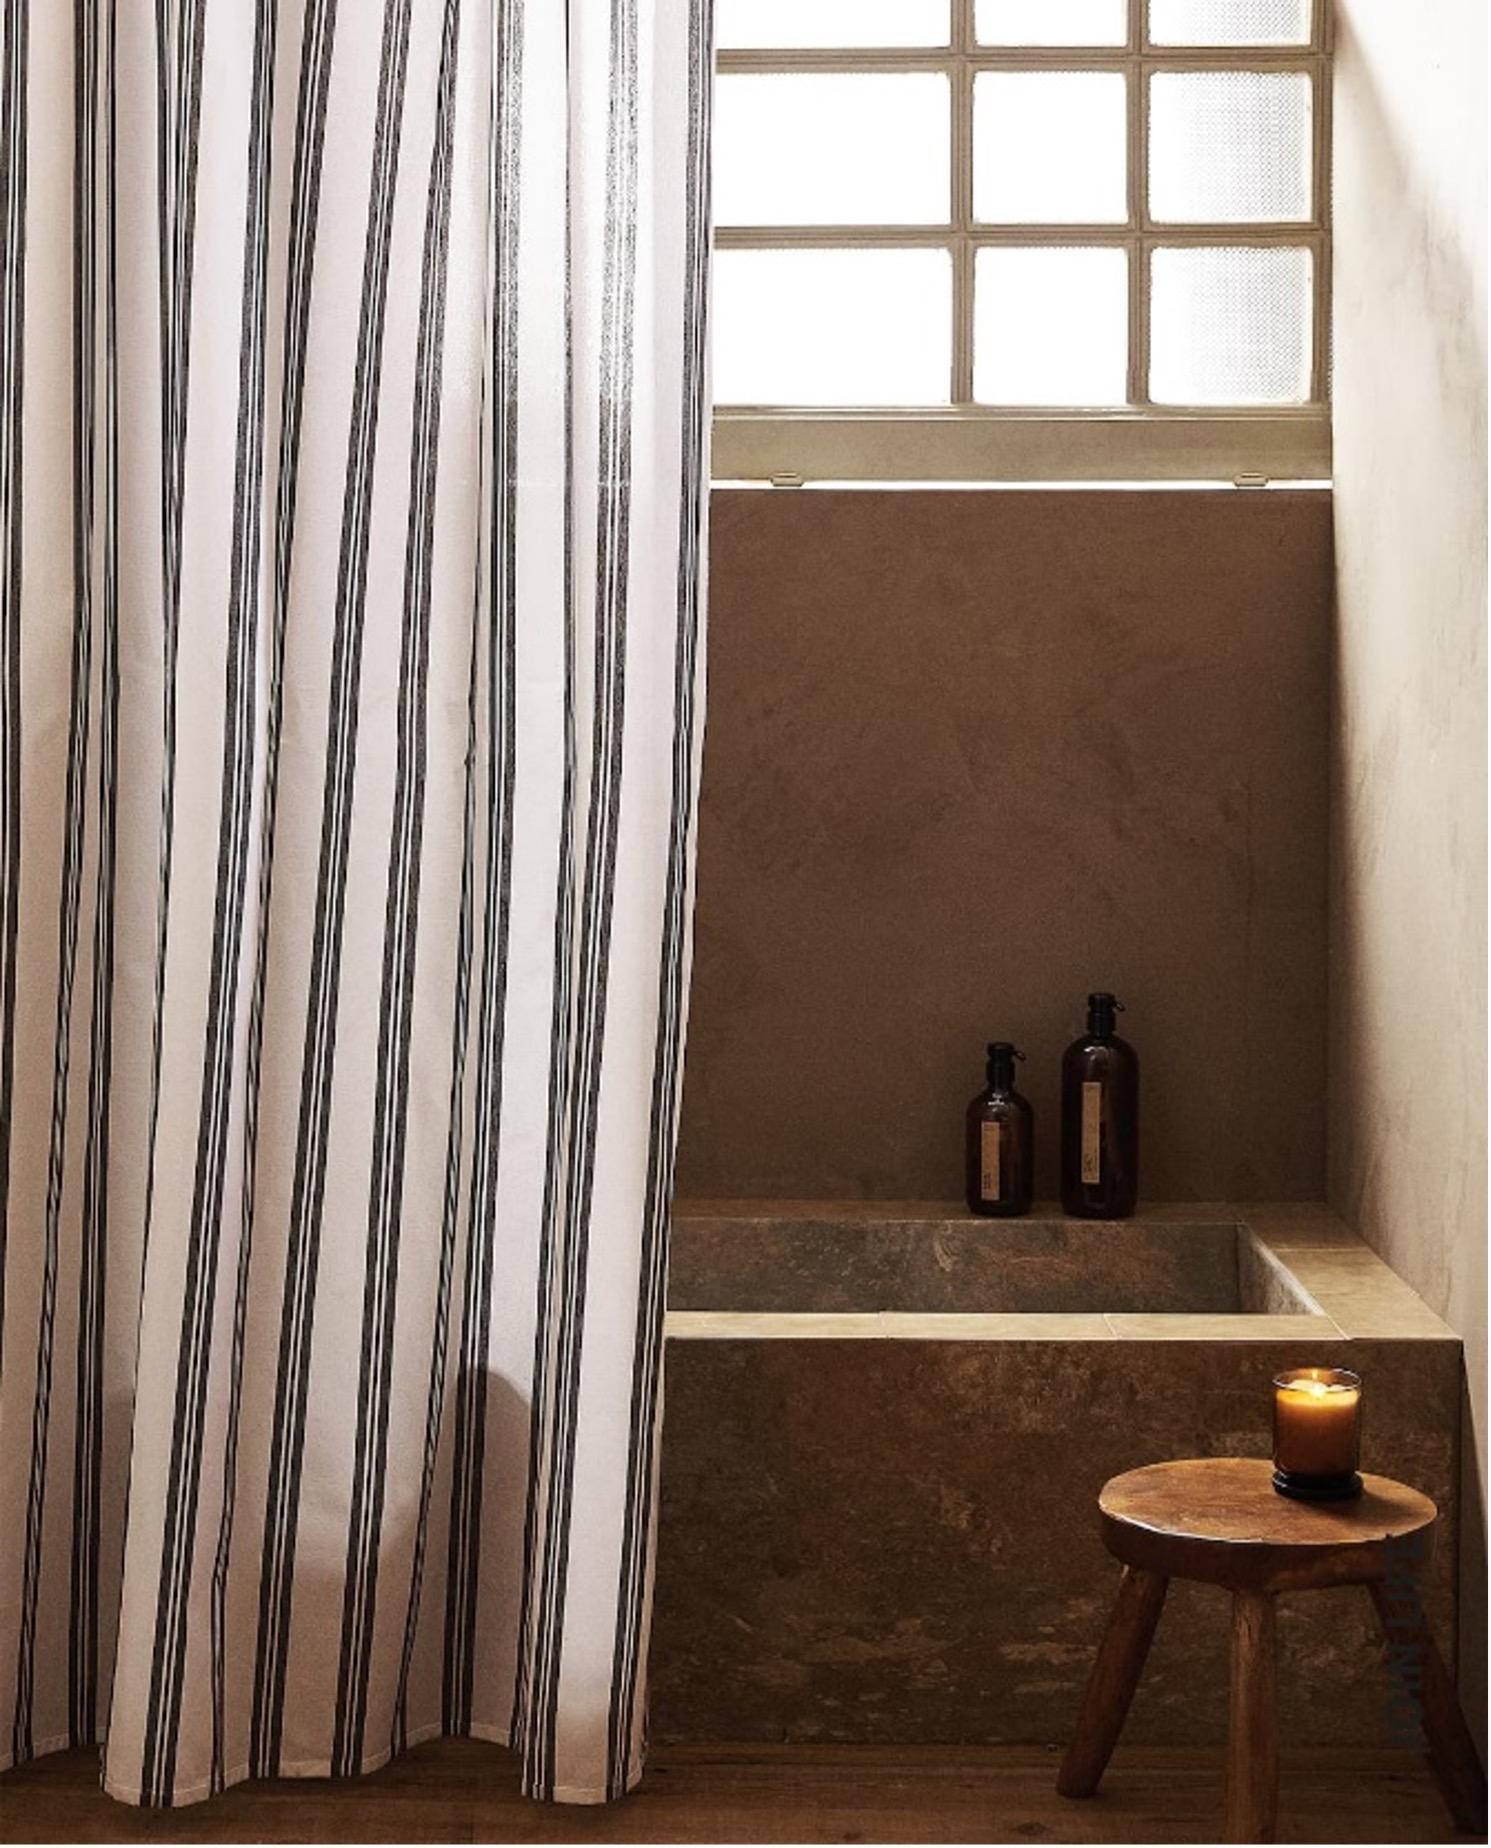 keskkonnasõbraliku vannitoa dushikardin